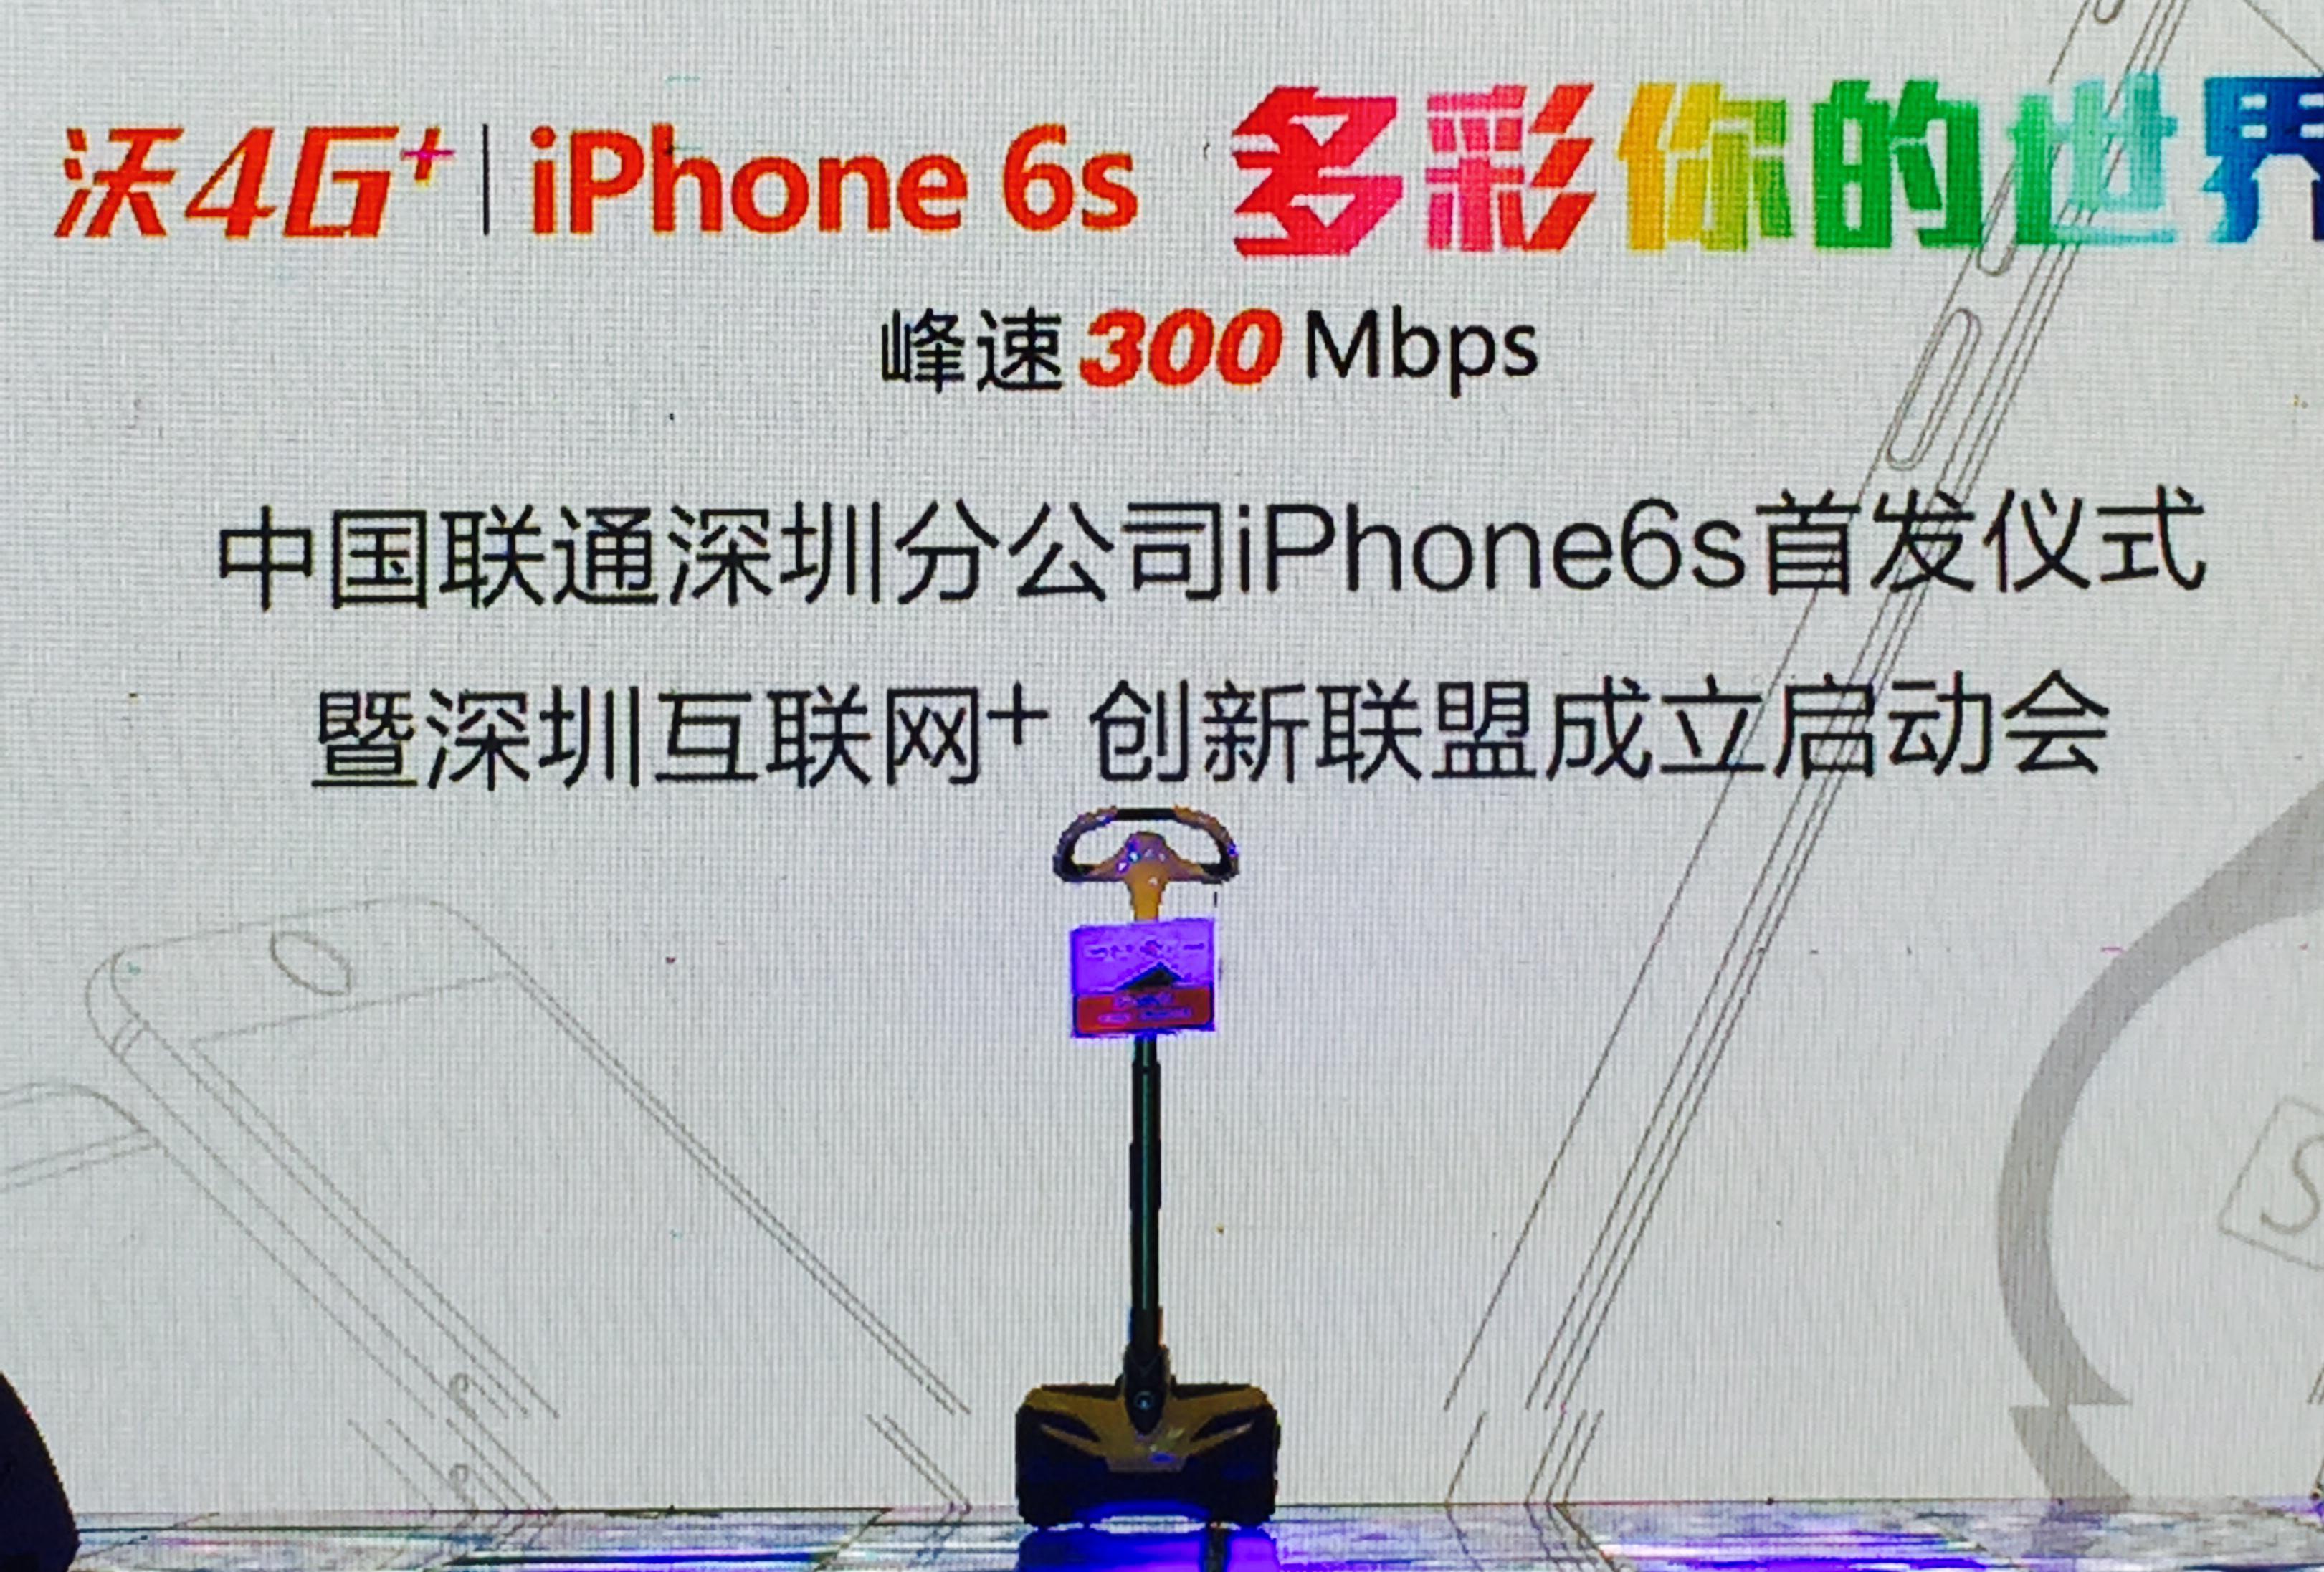 深圳联通联手乐行平衡车全球同步首发iPhone6s